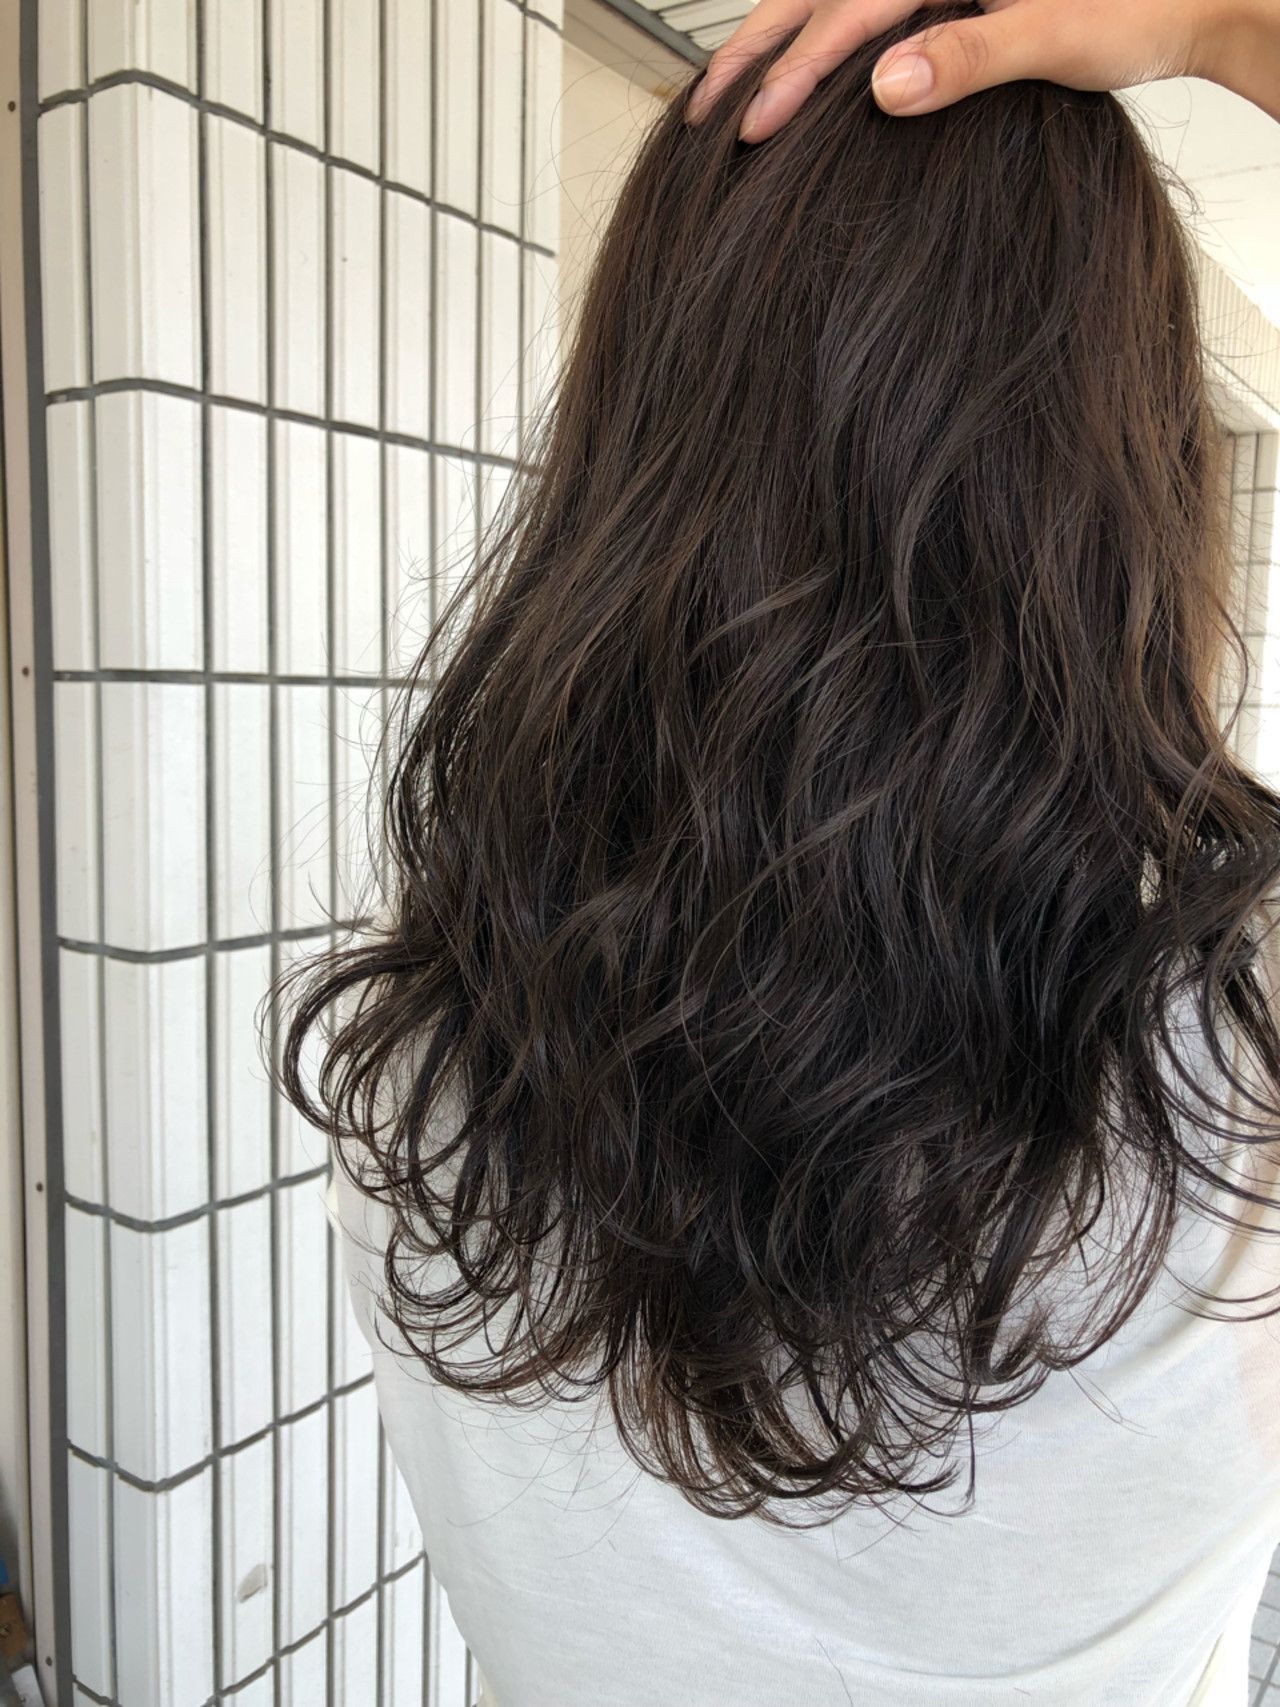 Liv ダークカラー ネイビーブルージュ 外はねロブ Liv Osaka リヴ オオサカ をご紹介 2018年夏の最新ヘア スタイルを300万点以上掲載 ミディアム ショート ボブなど豊富な条件でヘアスタイル 髪型 アレンジをチェック ヘアスタイリング ヘアスタイル 最新